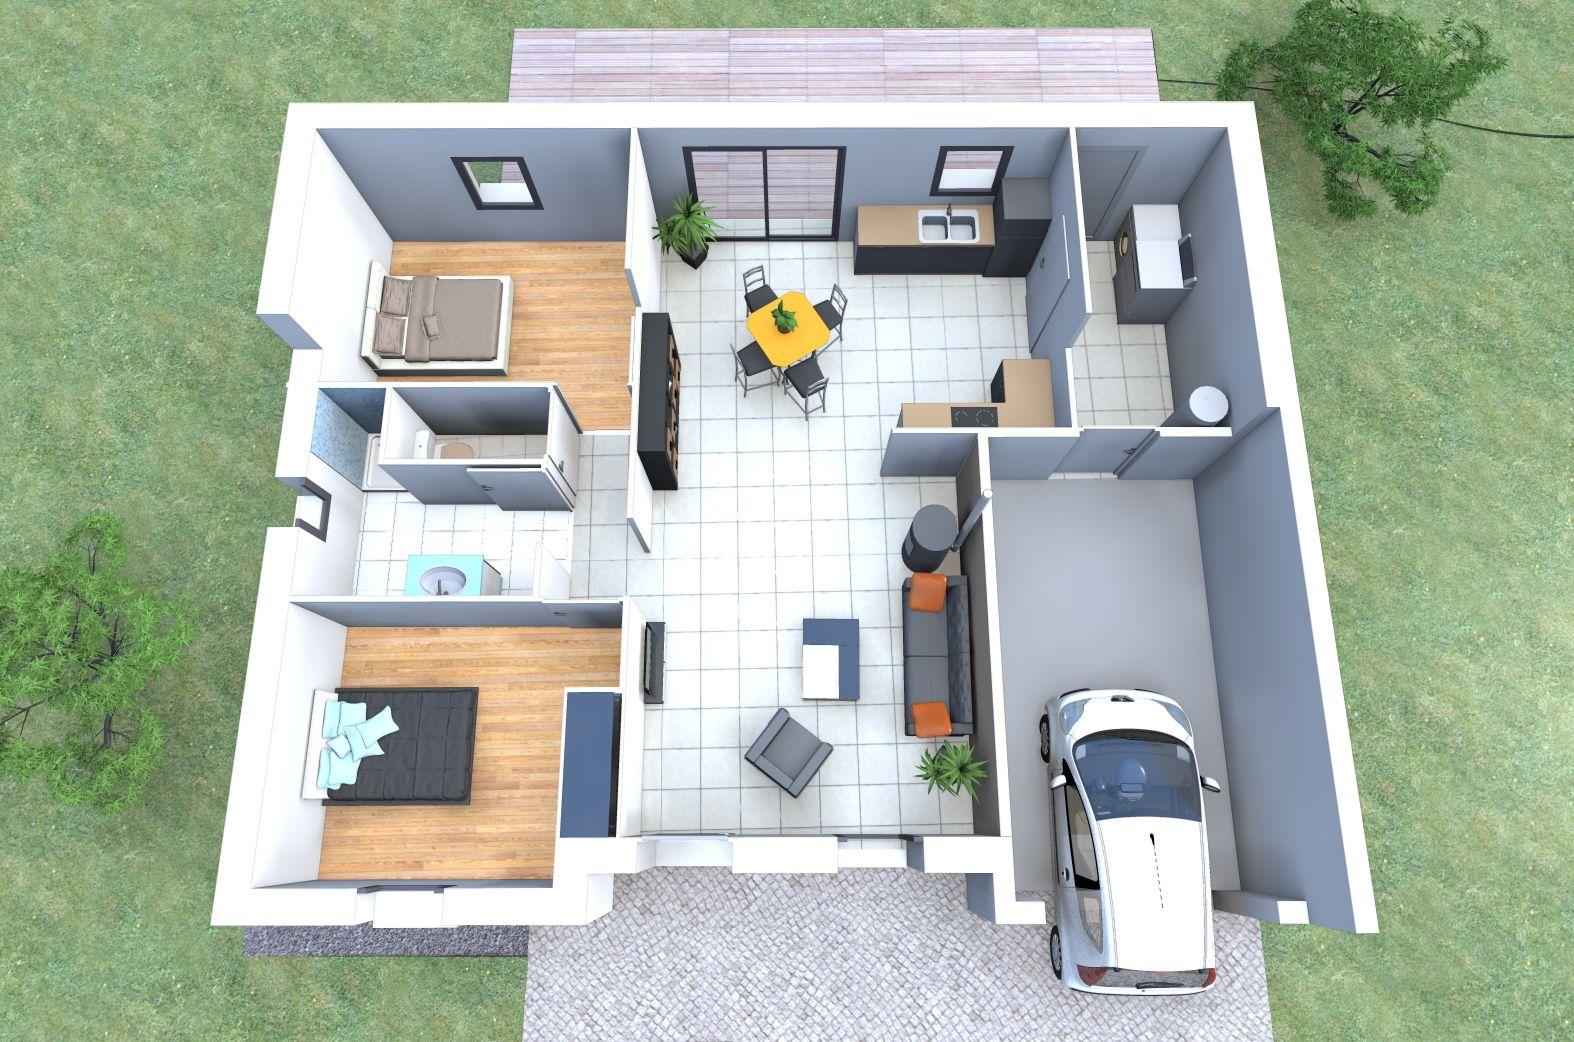 Le mod le de maison datis de alliance construction for Modele maison construction